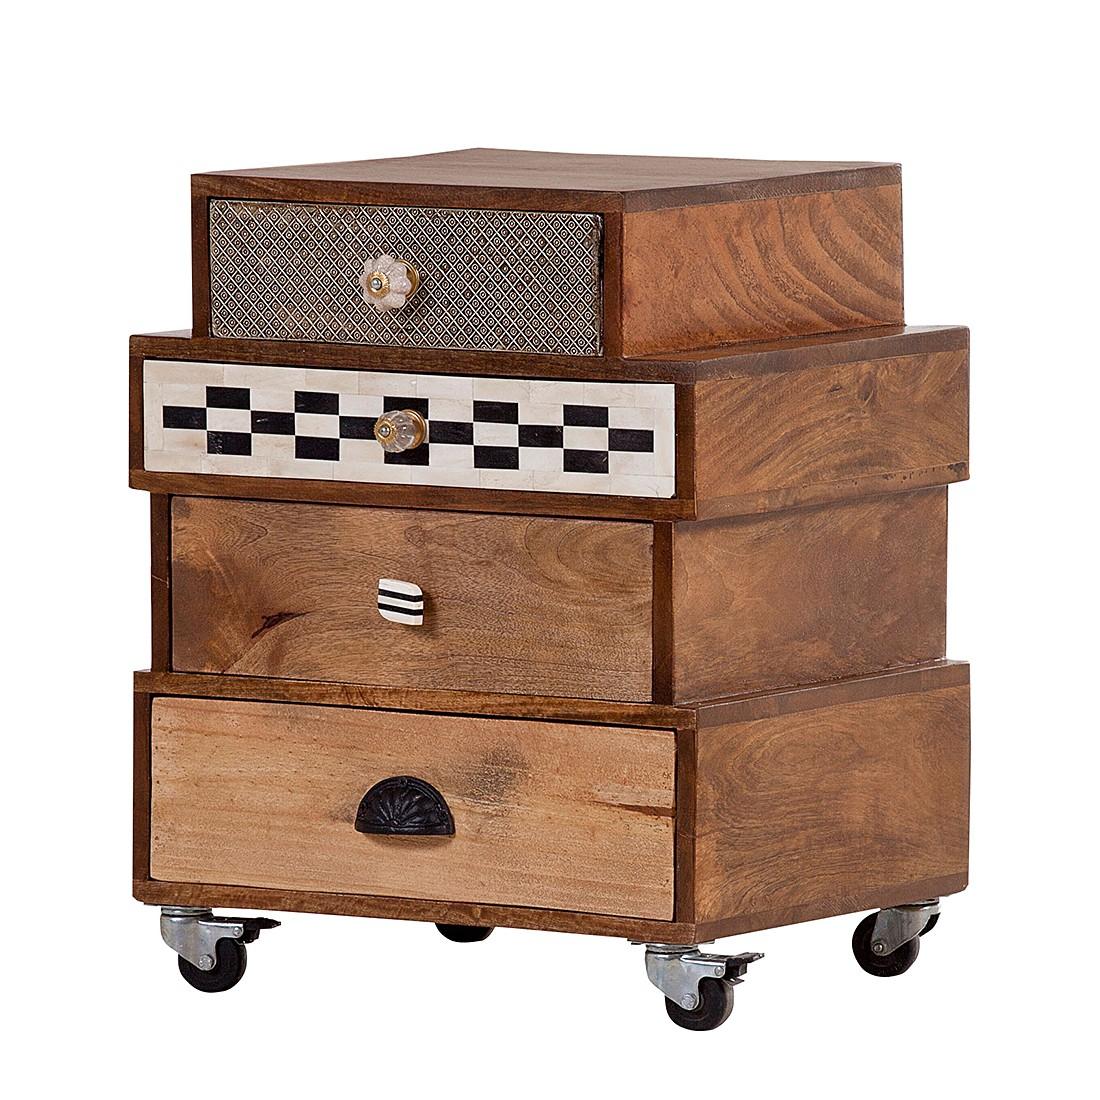 Cassettiera da ufficio con ruote History - Parzialmente massello, ars manufacti